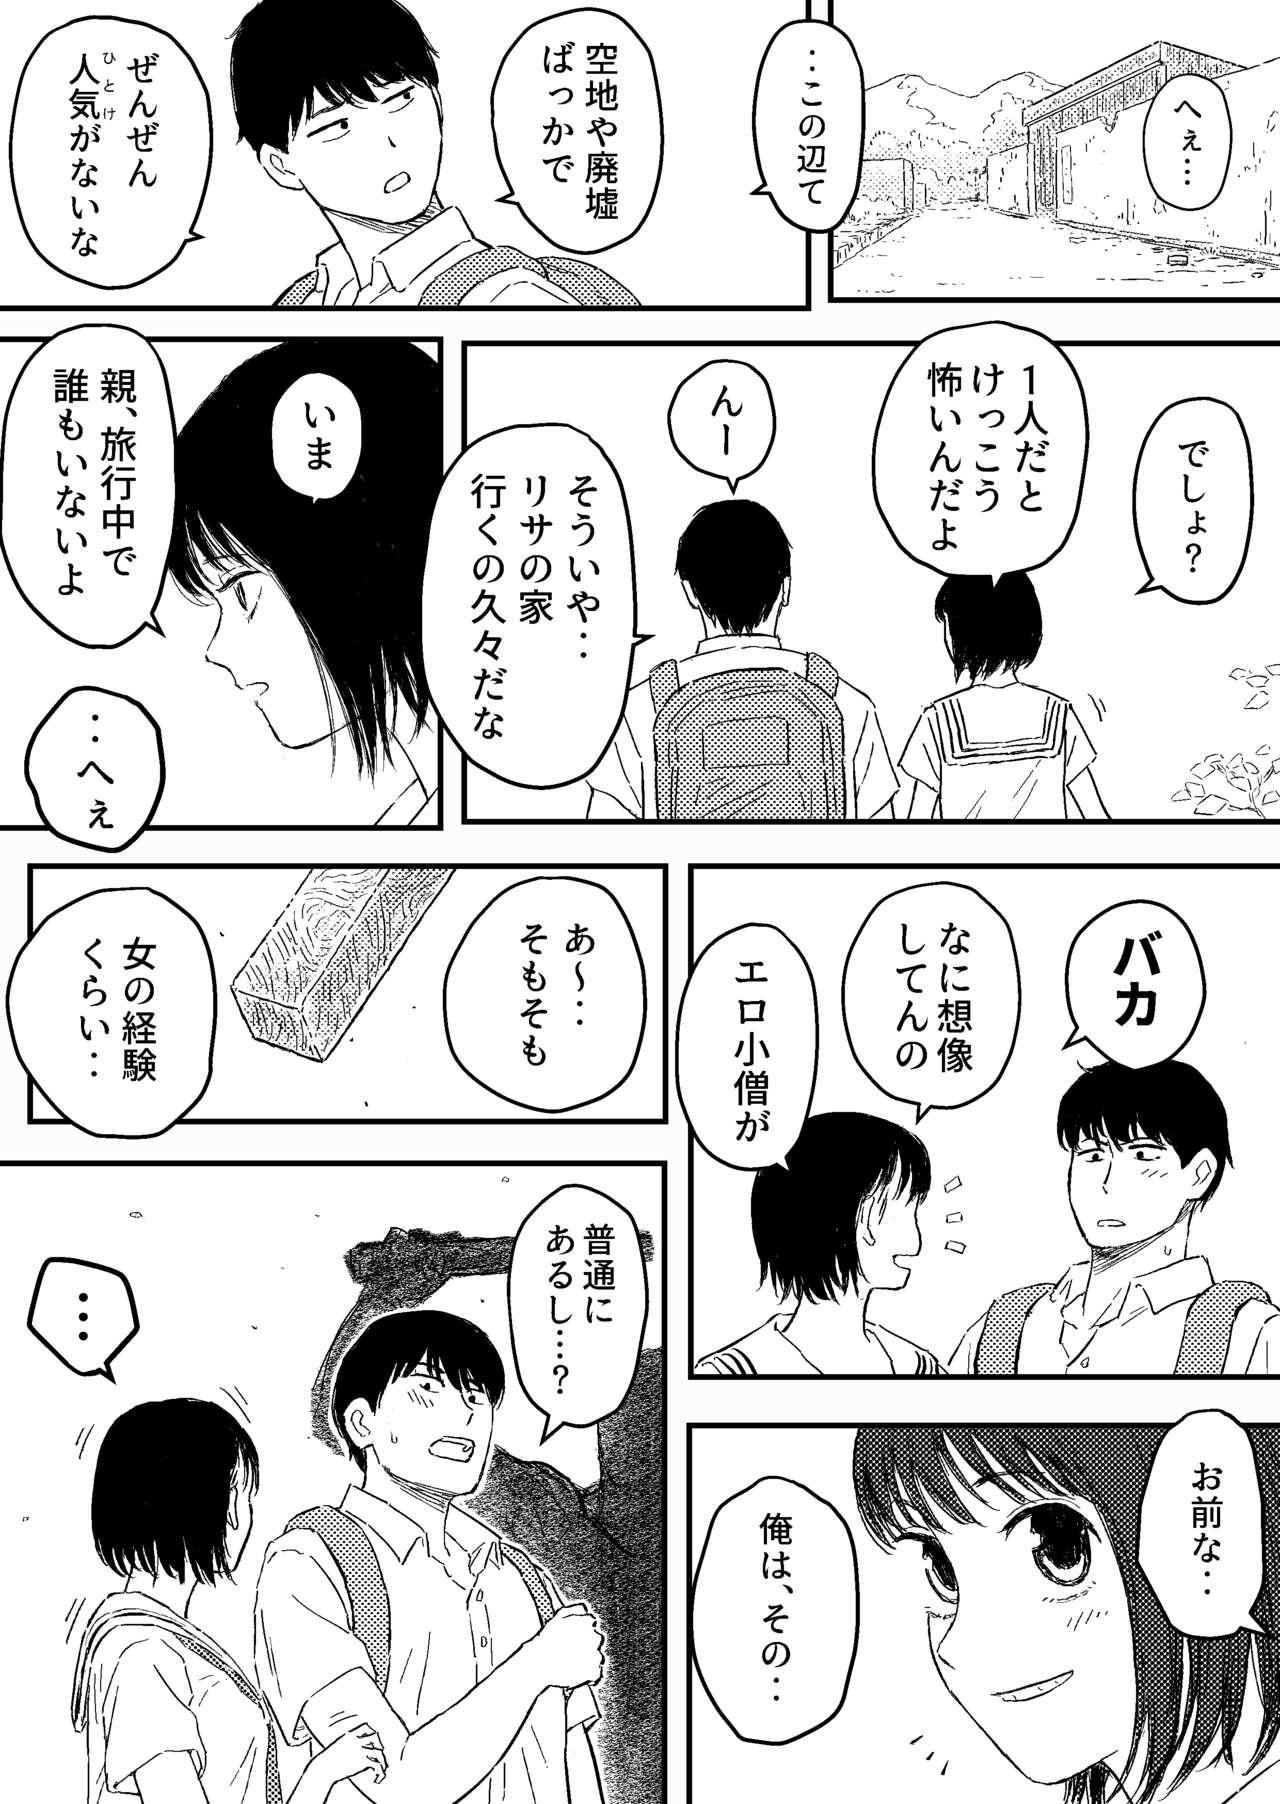 Houkago no Strangler 4